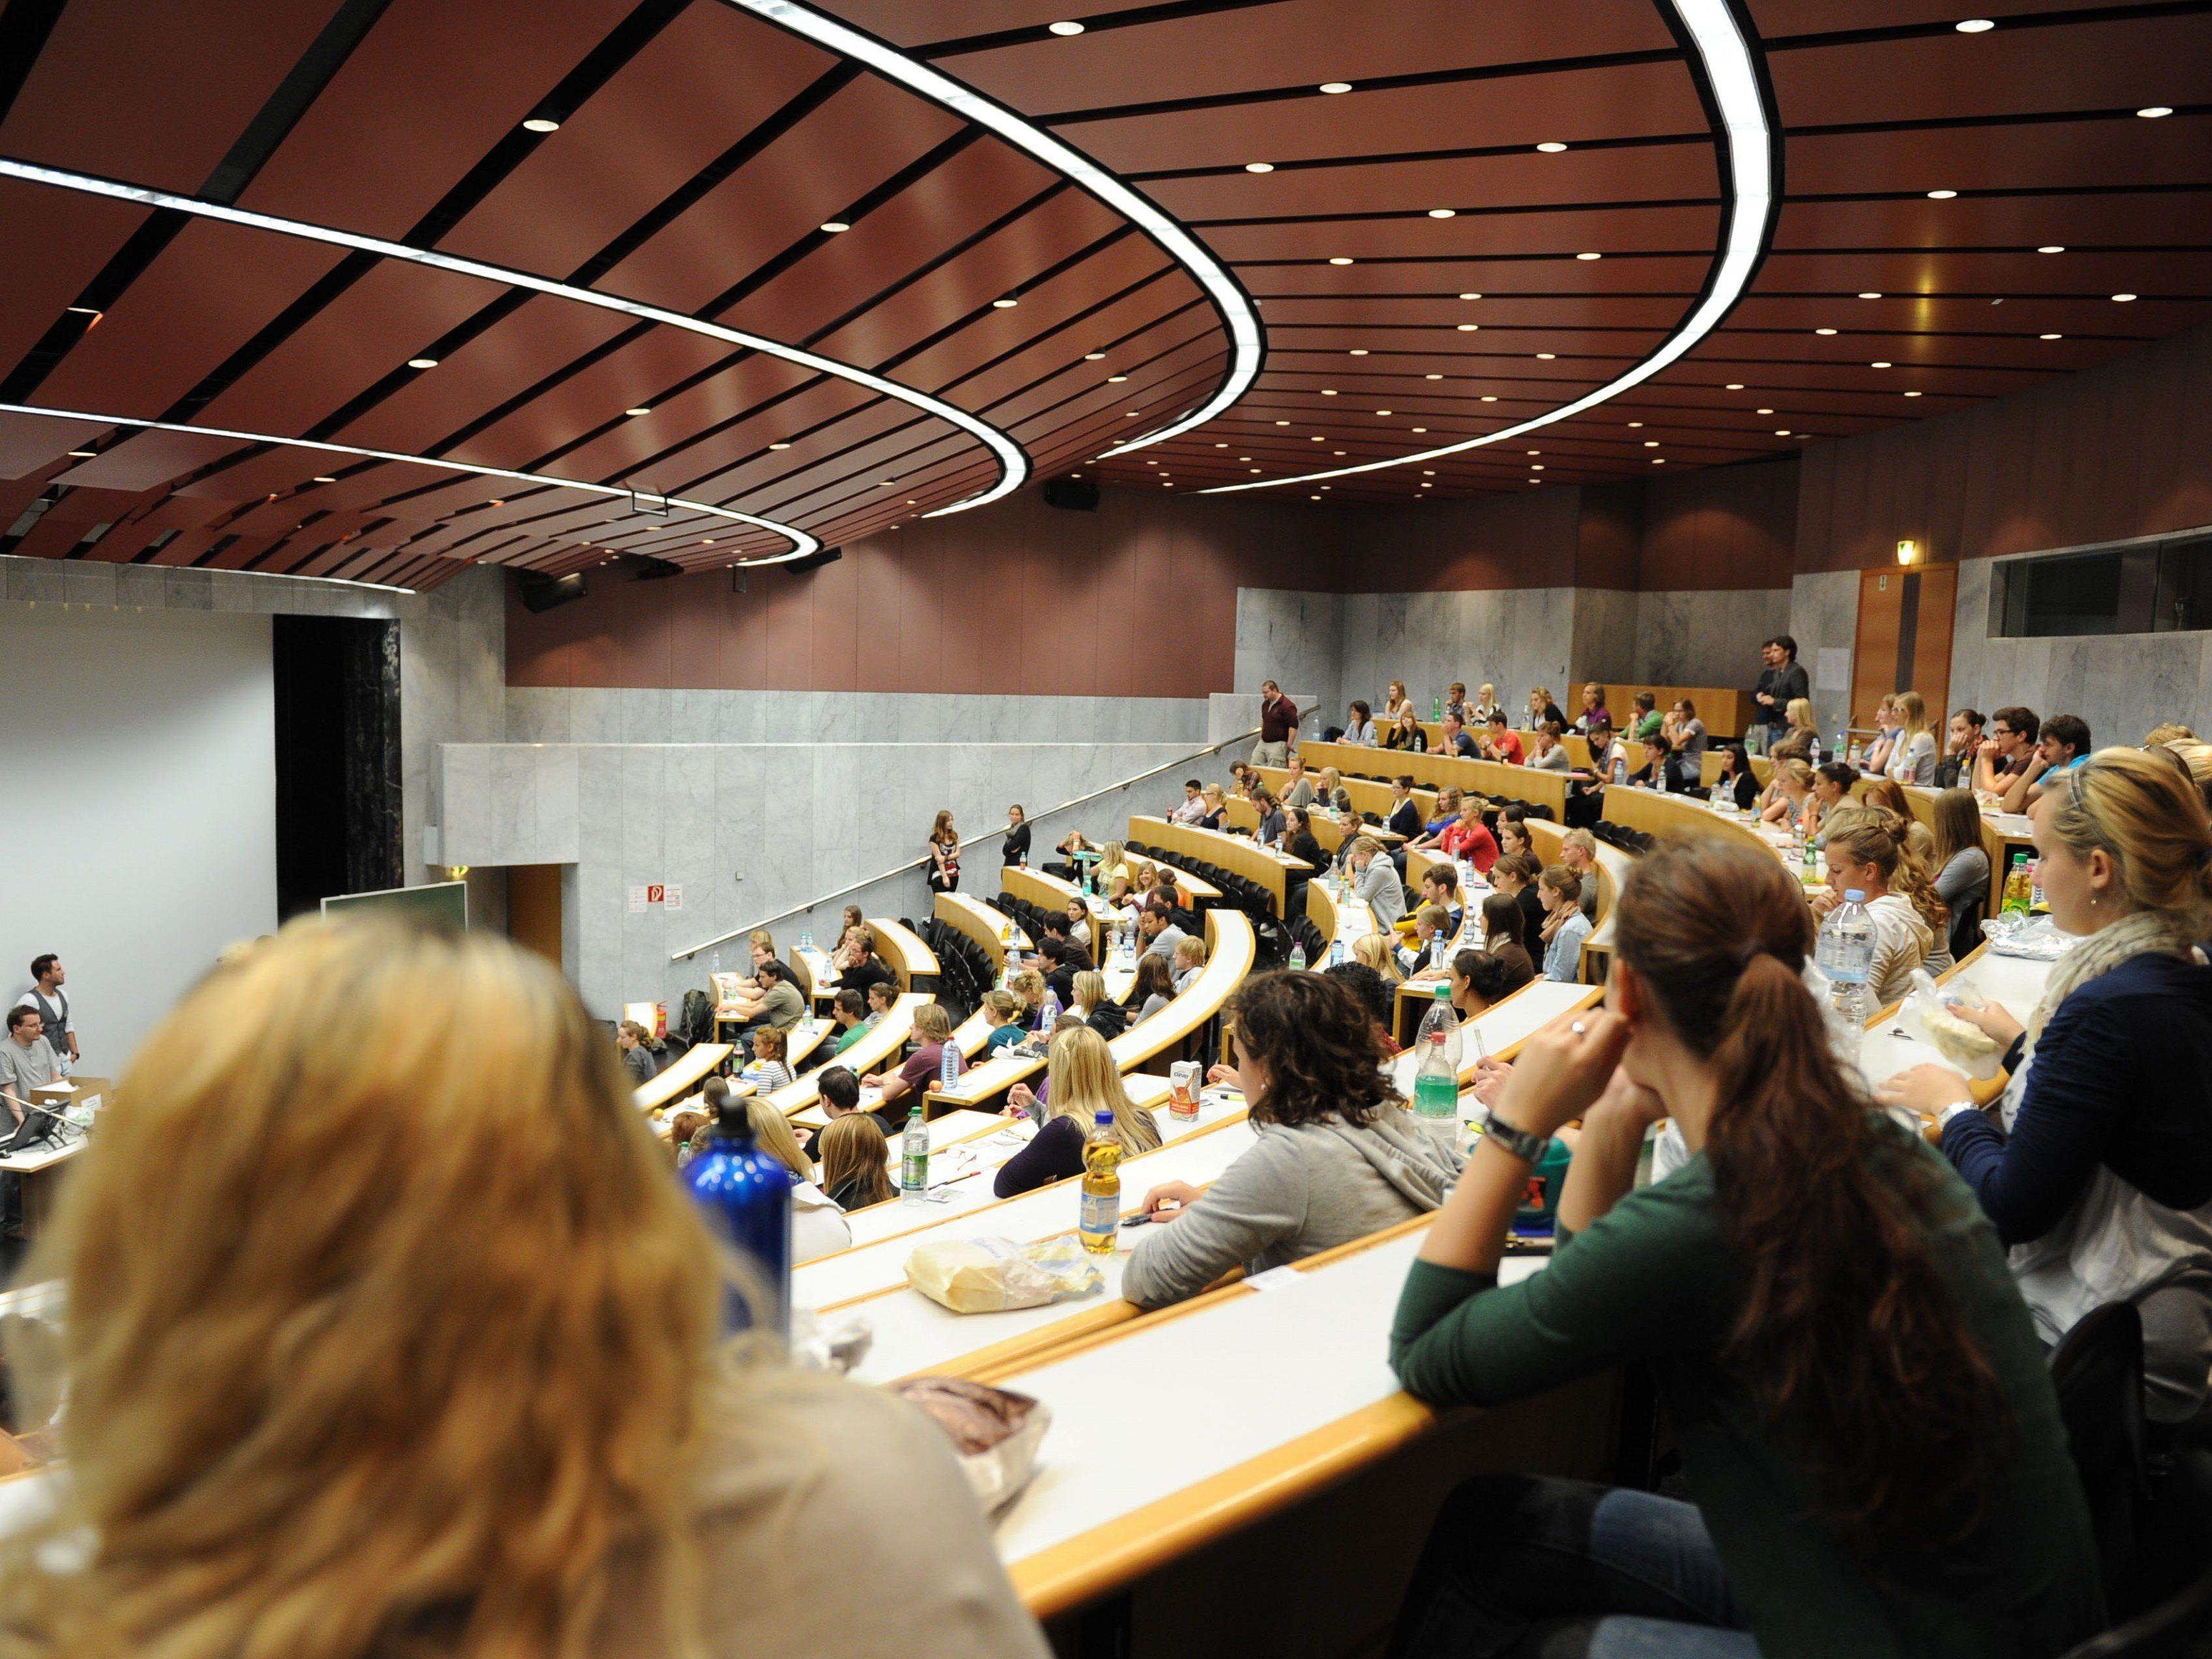 An vielen Universitäten werden bereits Aufnahmeverfahren durchgeführt.